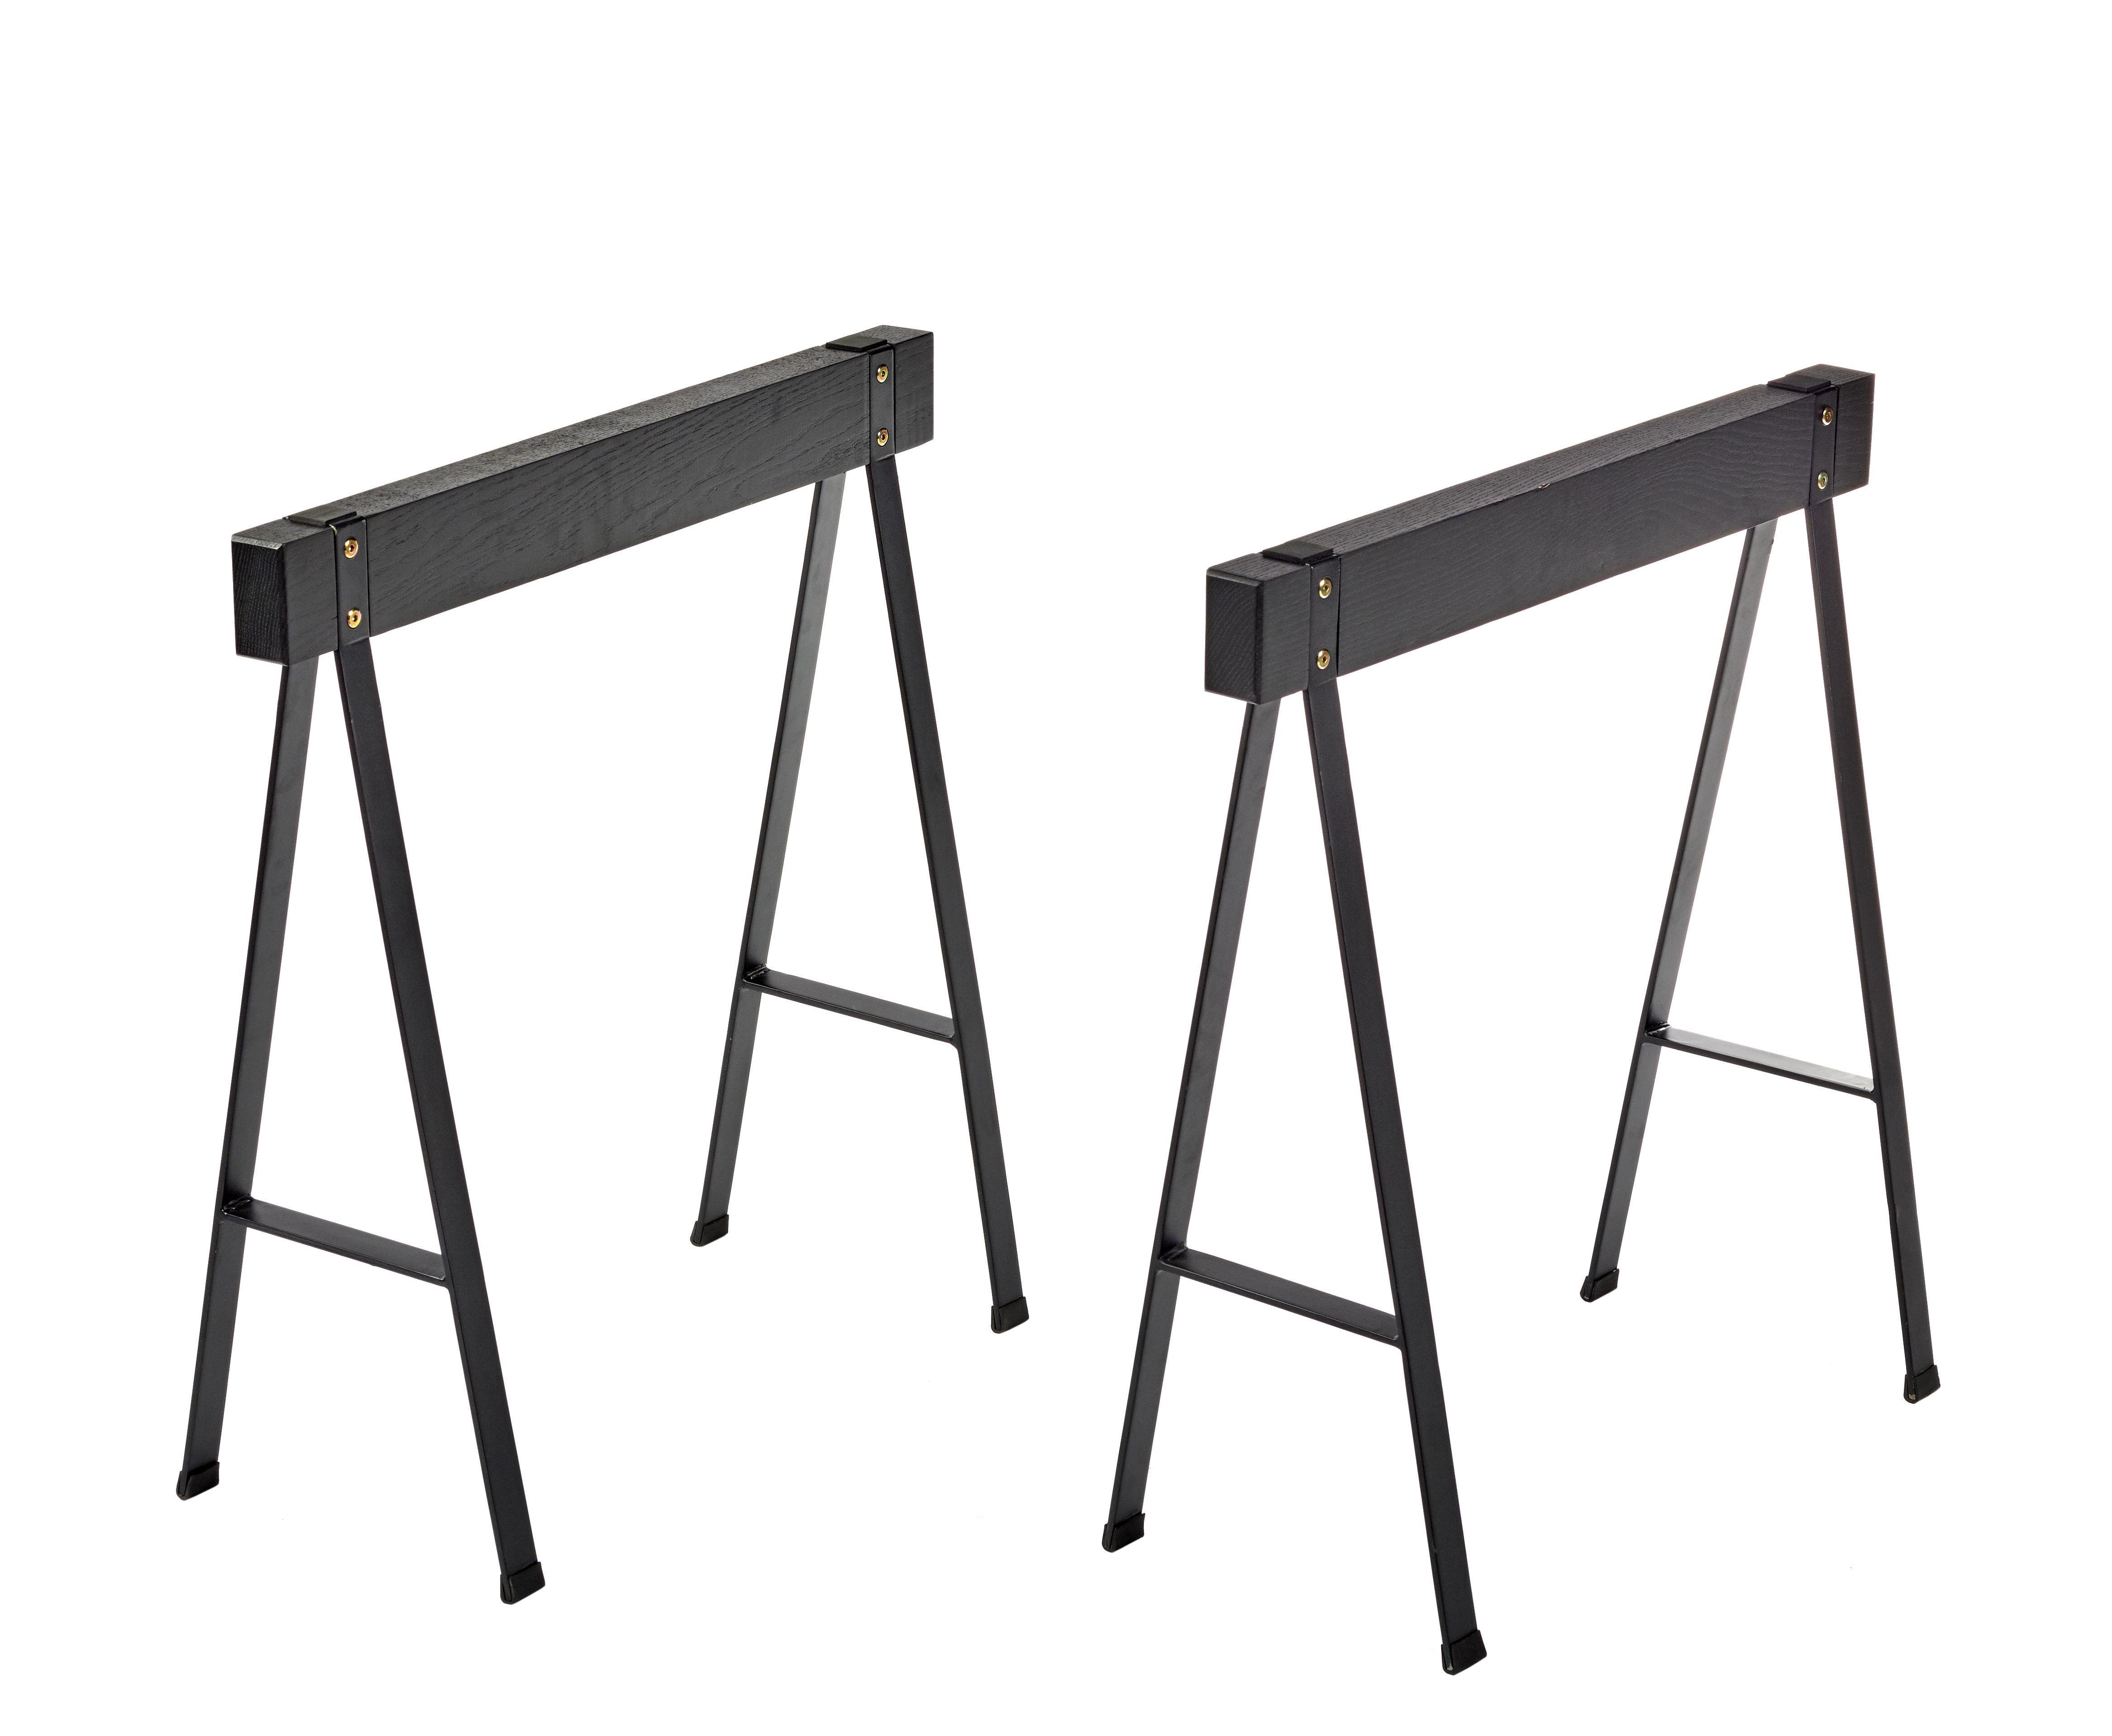 Arredamento - Mobili da ufficio - Coppia di cavaletti Studio Simple - / Rovere - L 70 x H 71 cm di Serax - Nero - Metallo, Rovere